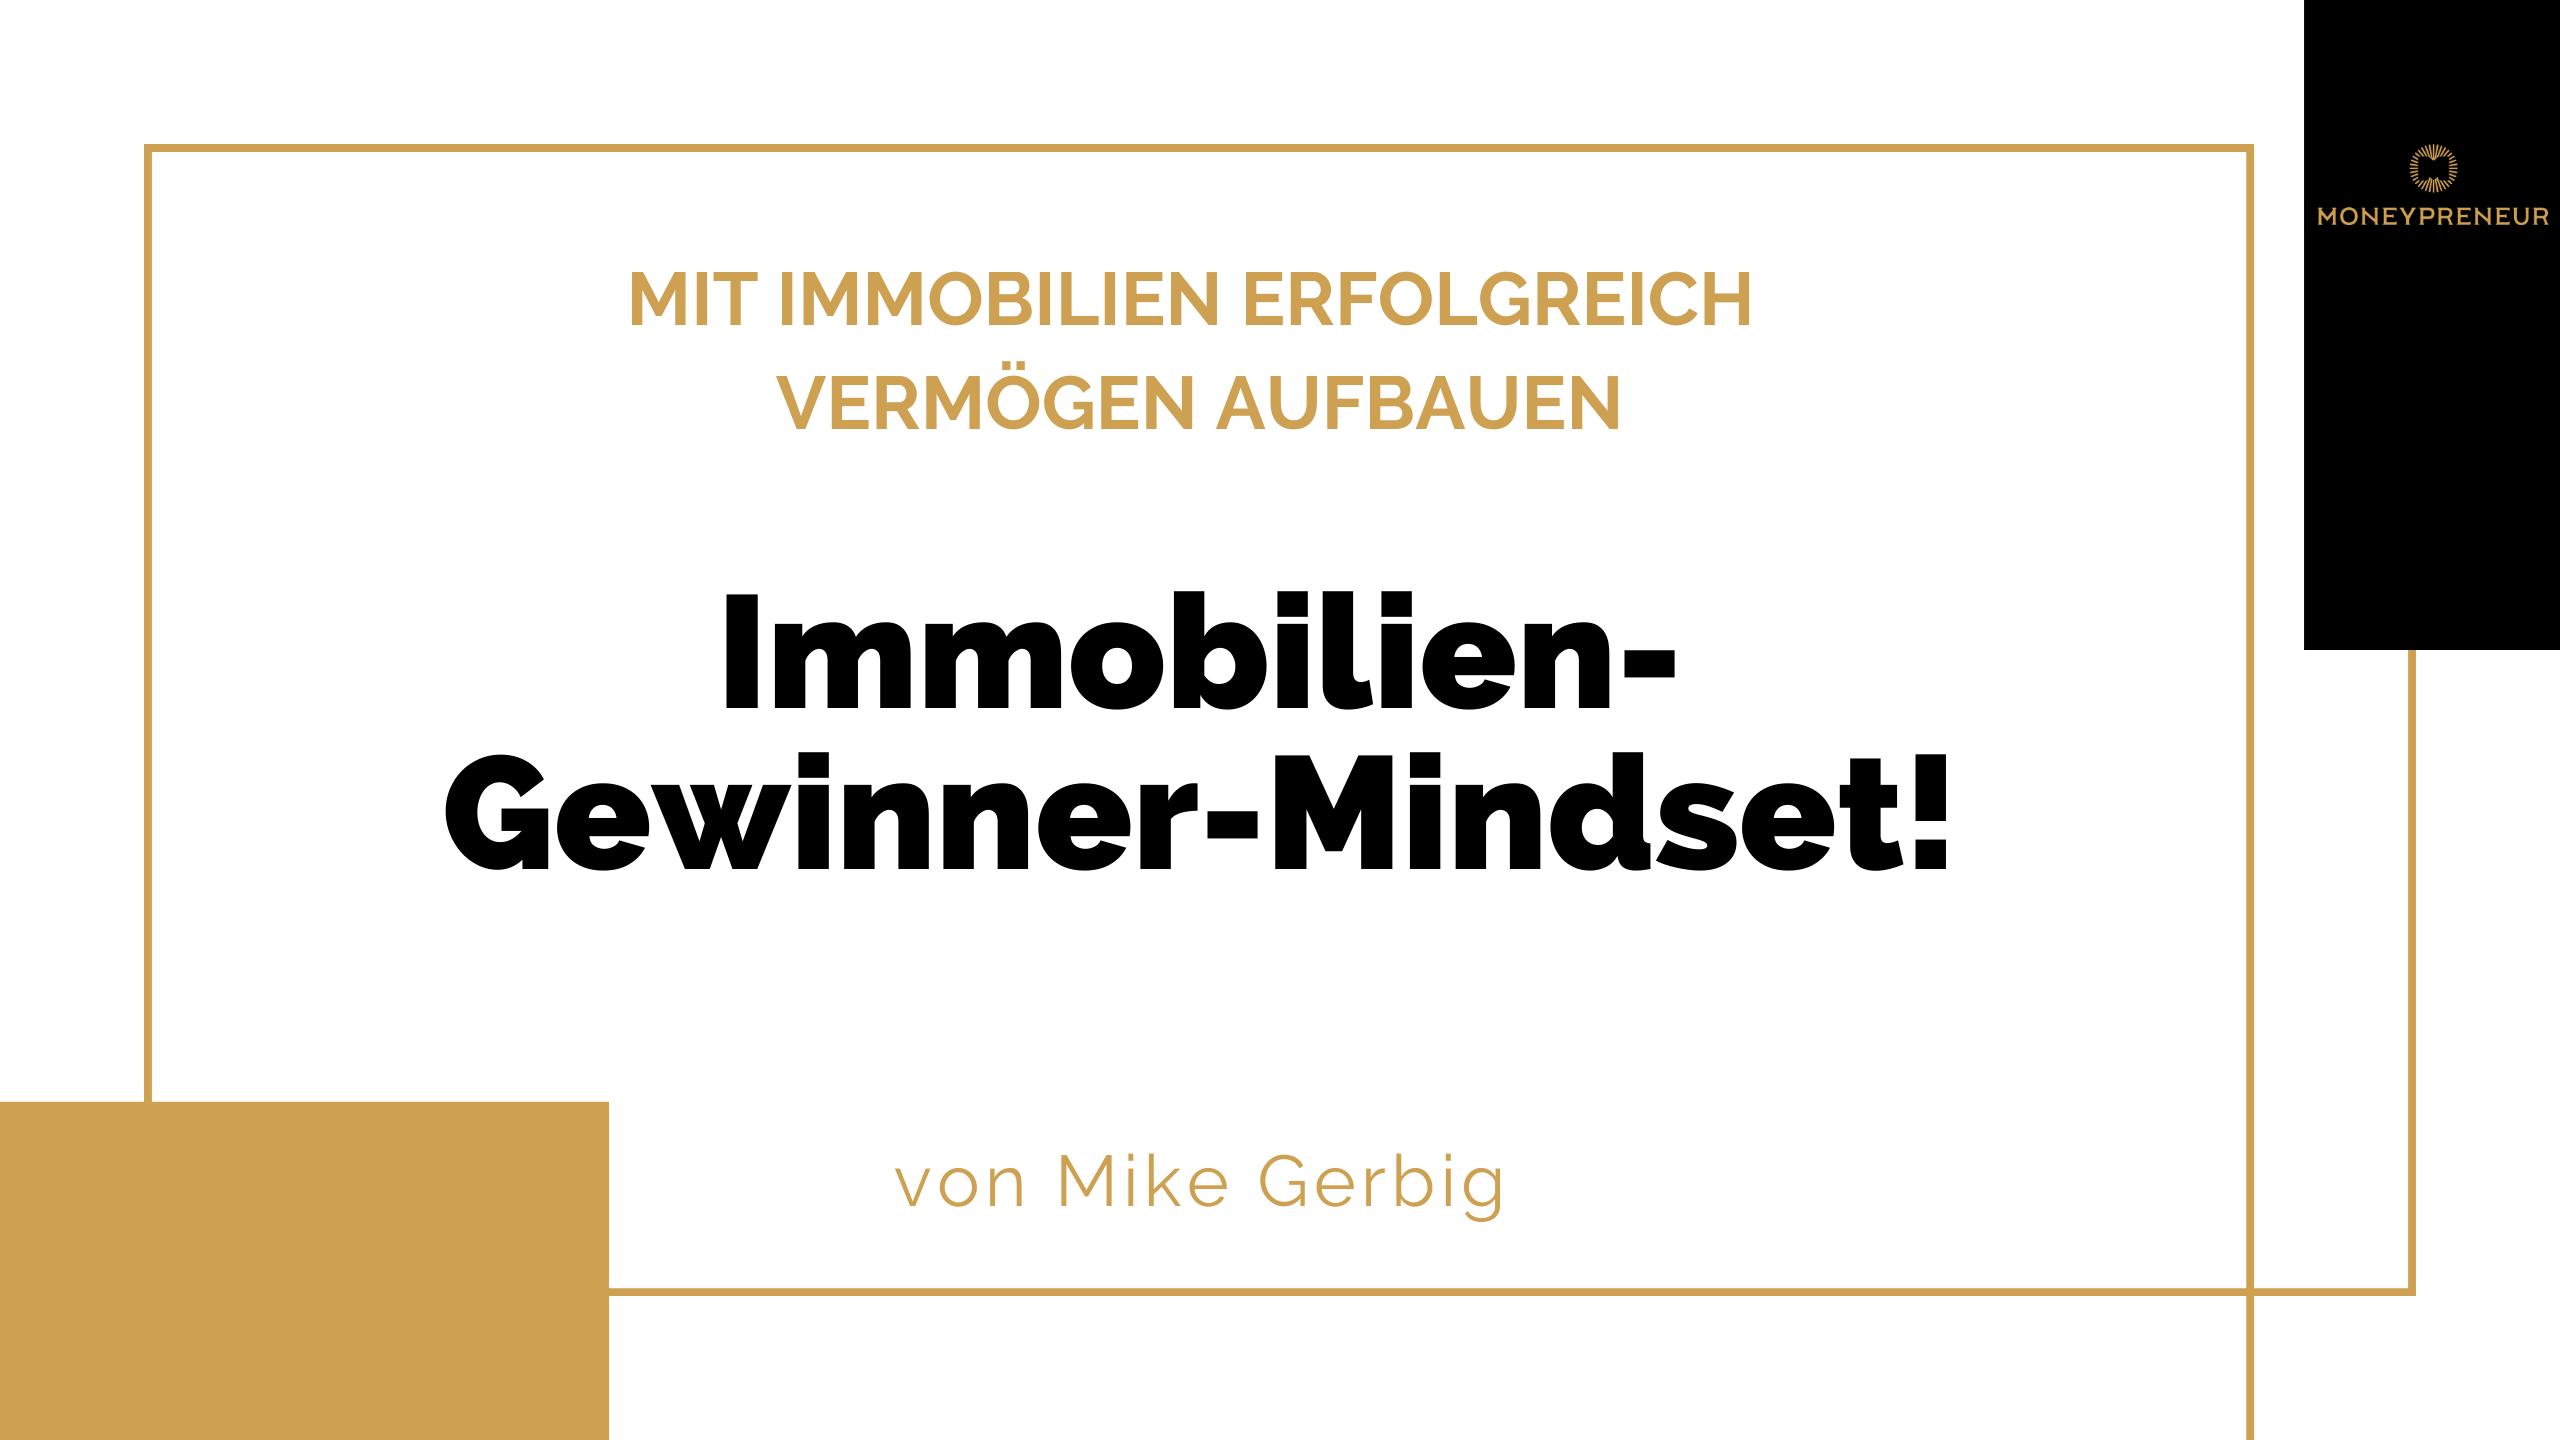 Immobilien-Gewinner-Mindset-moneypreneurde